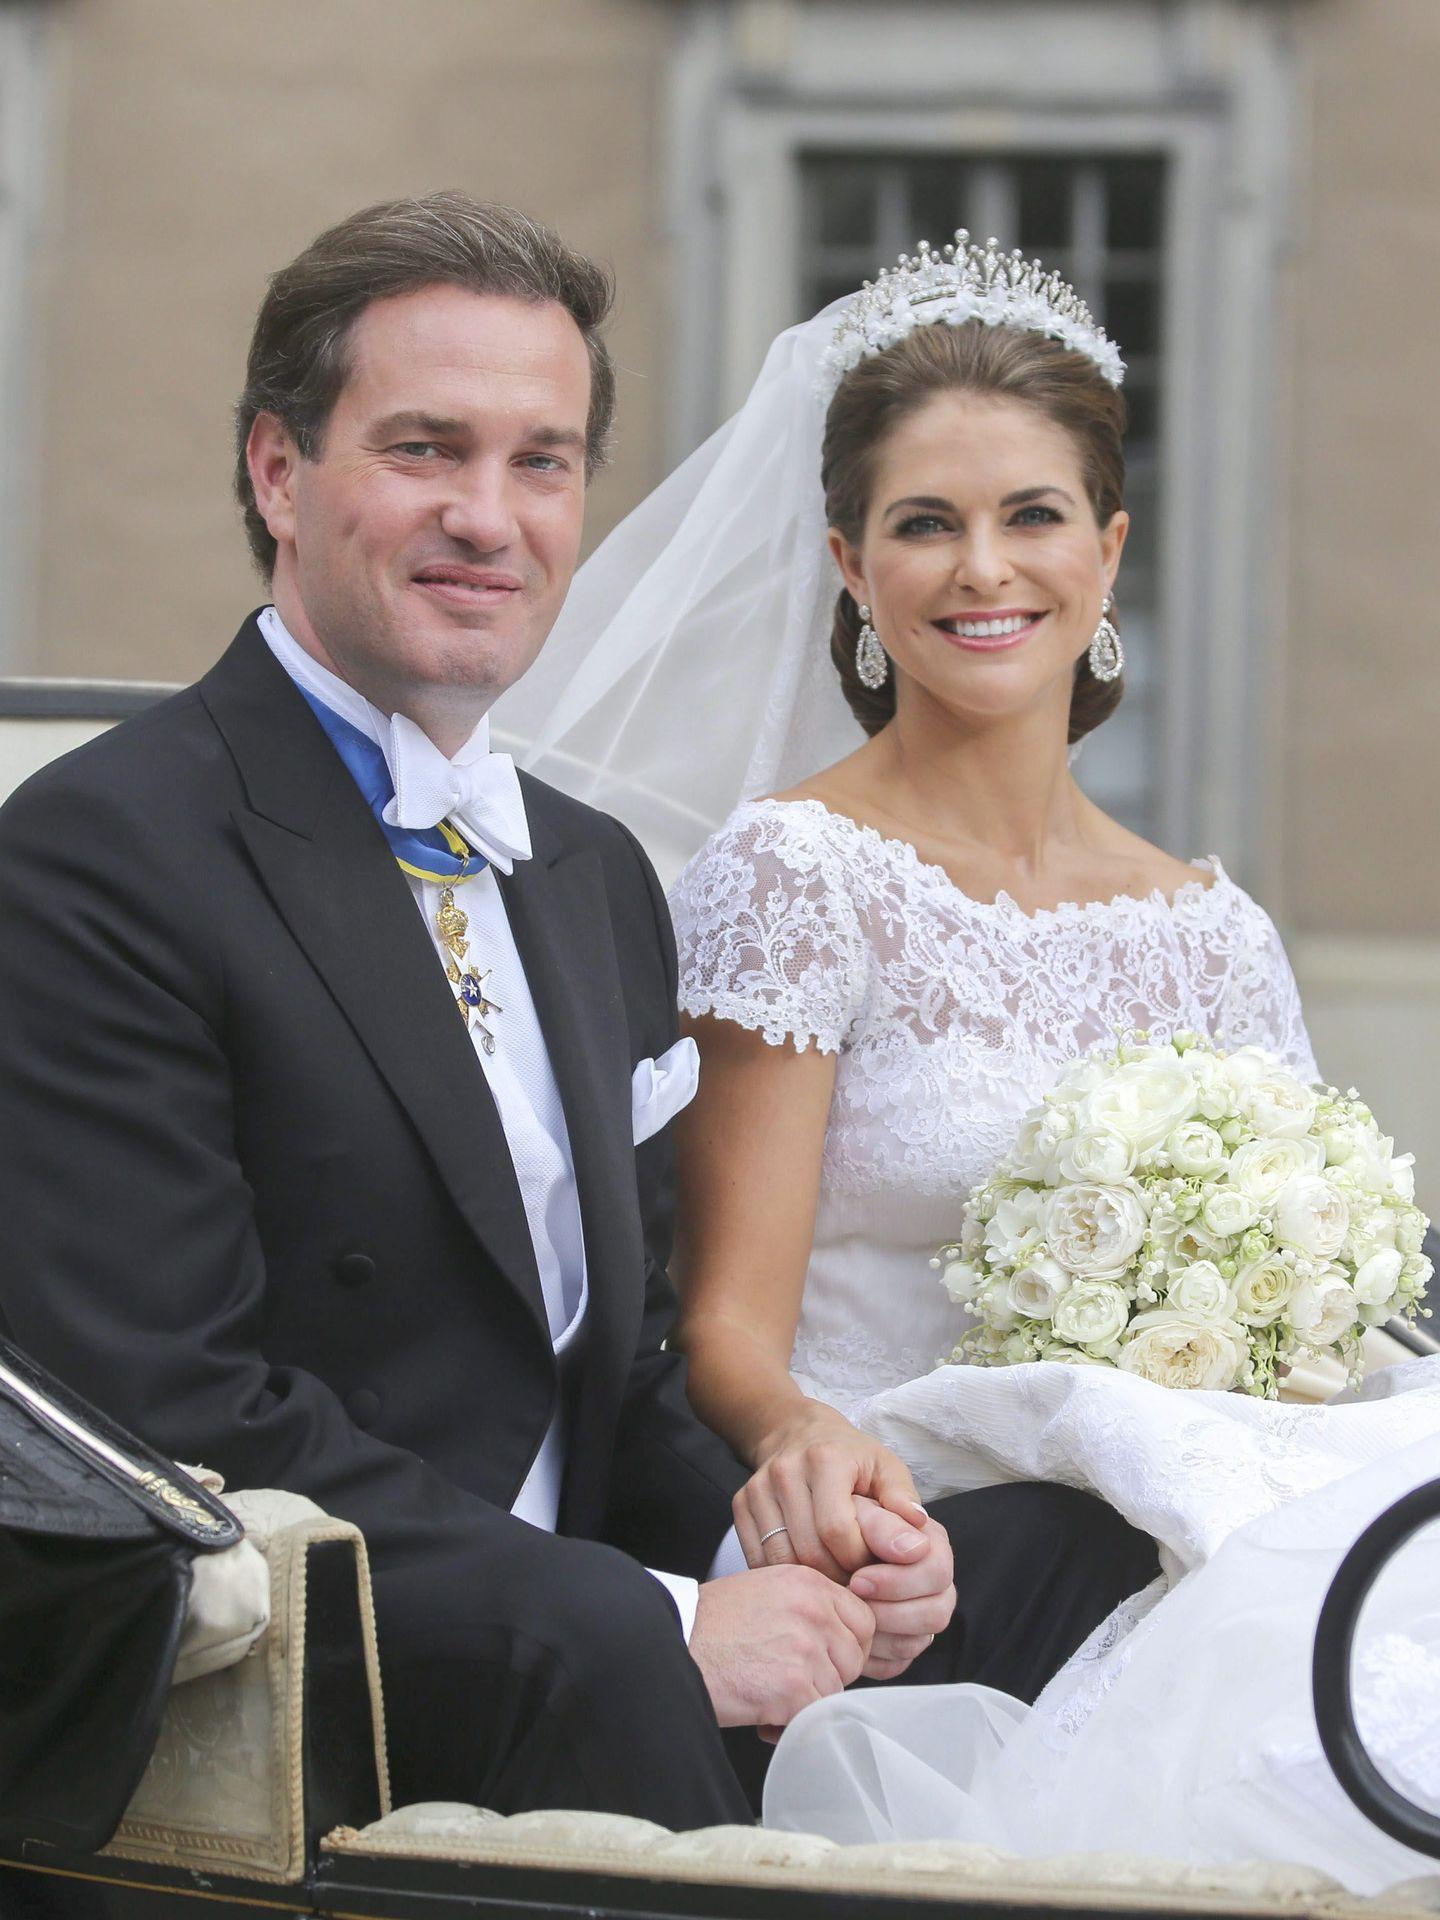 Boda de la princesa Magdalena y Chris O'Neill. (EFE)